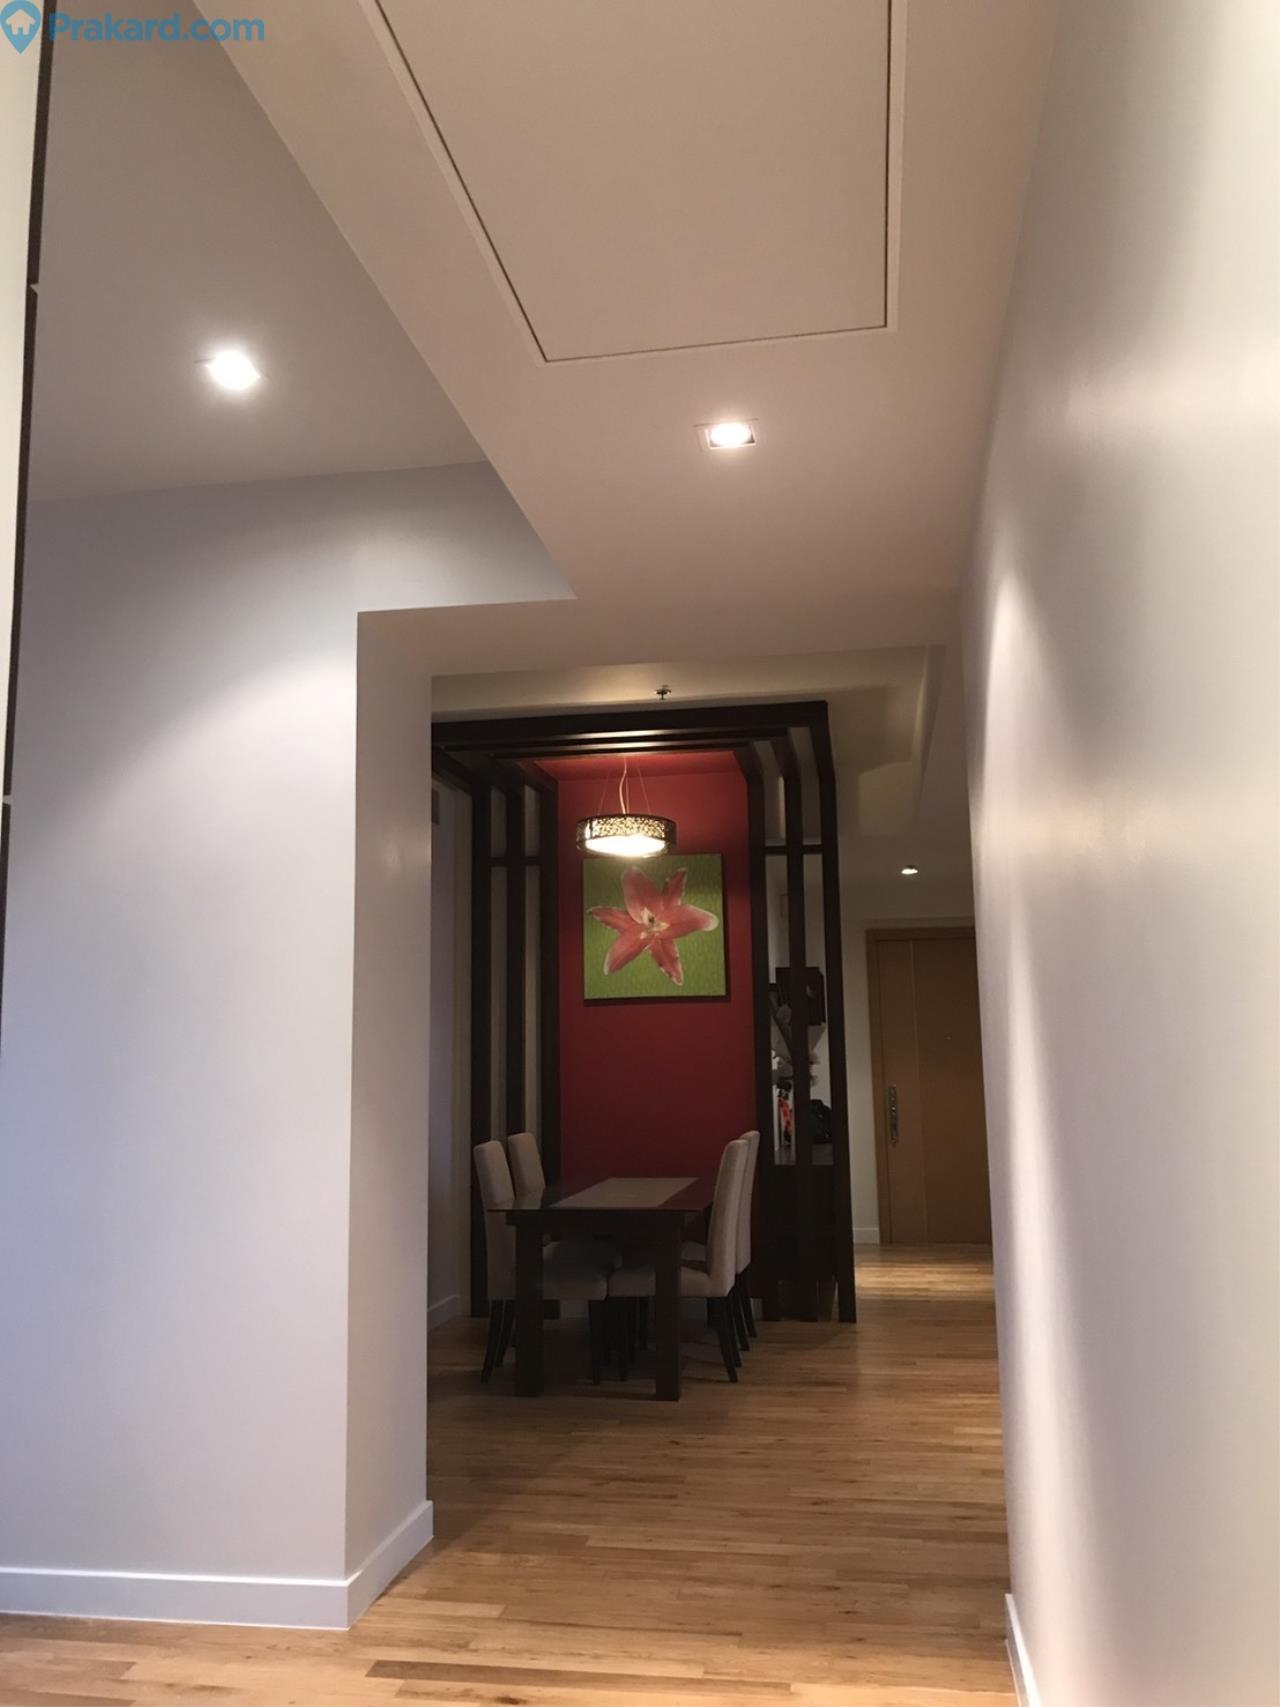 1 Bedroom At Millennuim Residence Sukhumvit For Rent 2 1 Bedrooms Millennium Residence Sukhumvit 16 20